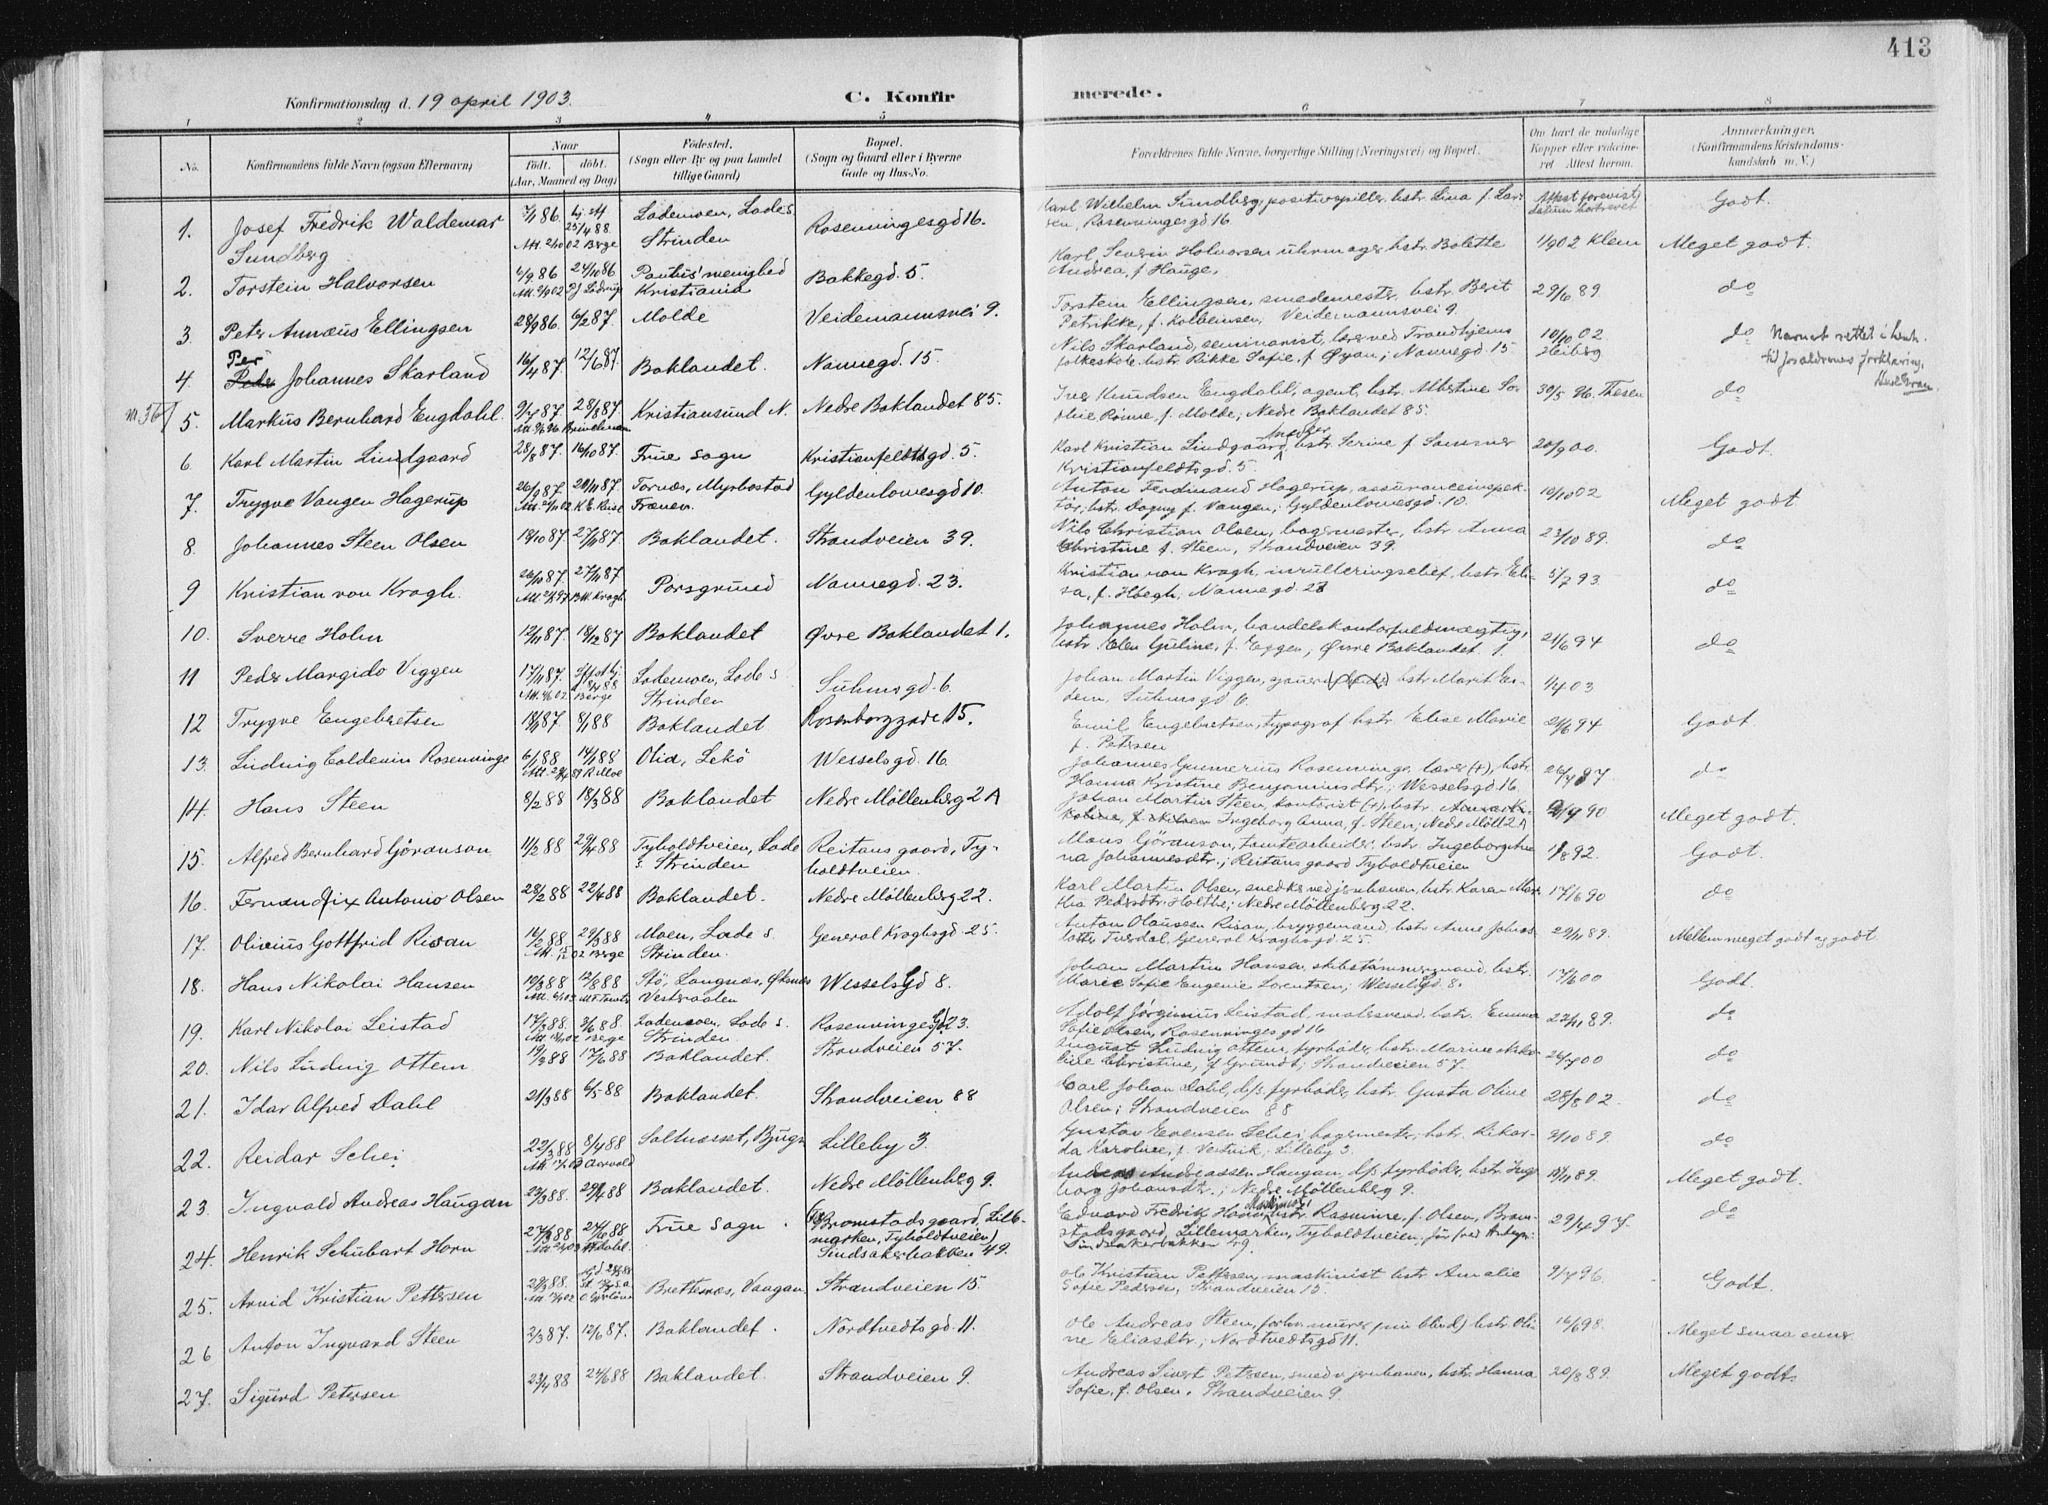 SAT, Ministerialprotokoller, klokkerbøker og fødselsregistre - Sør-Trøndelag, 604/L0200: Ministerialbok nr. 604A20II, 1901-1908, s. 413